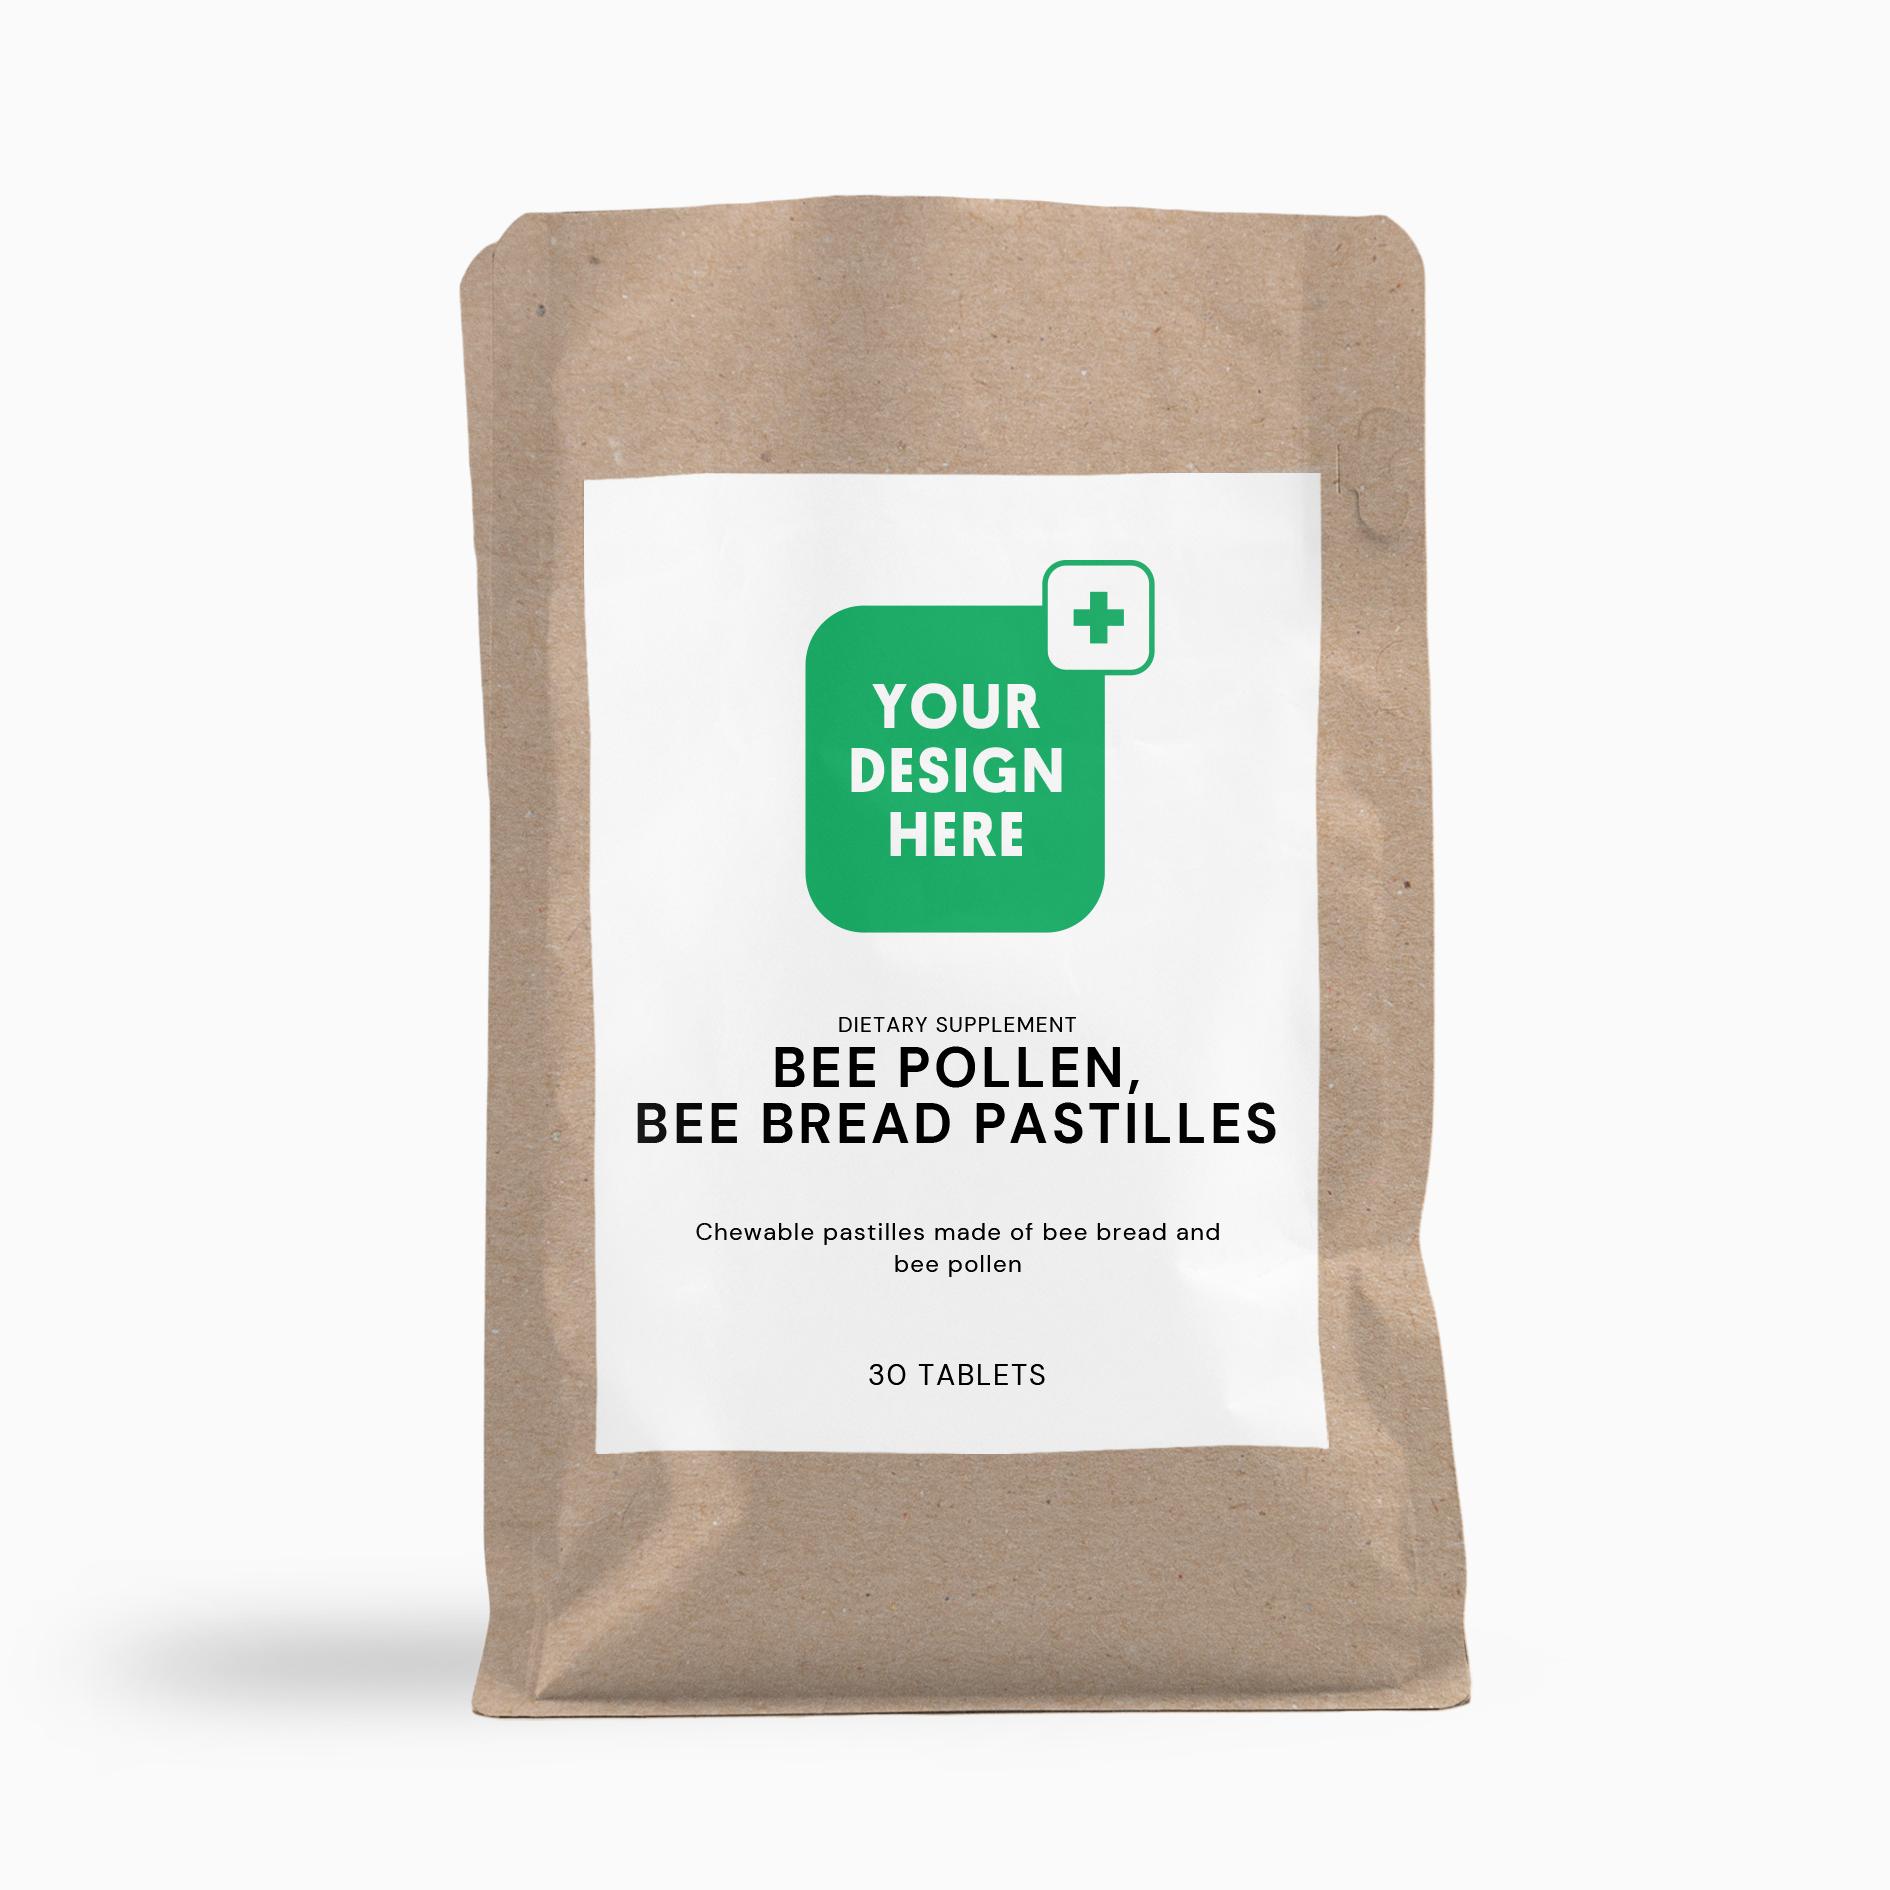 Bee pollen, bee bread pastilles